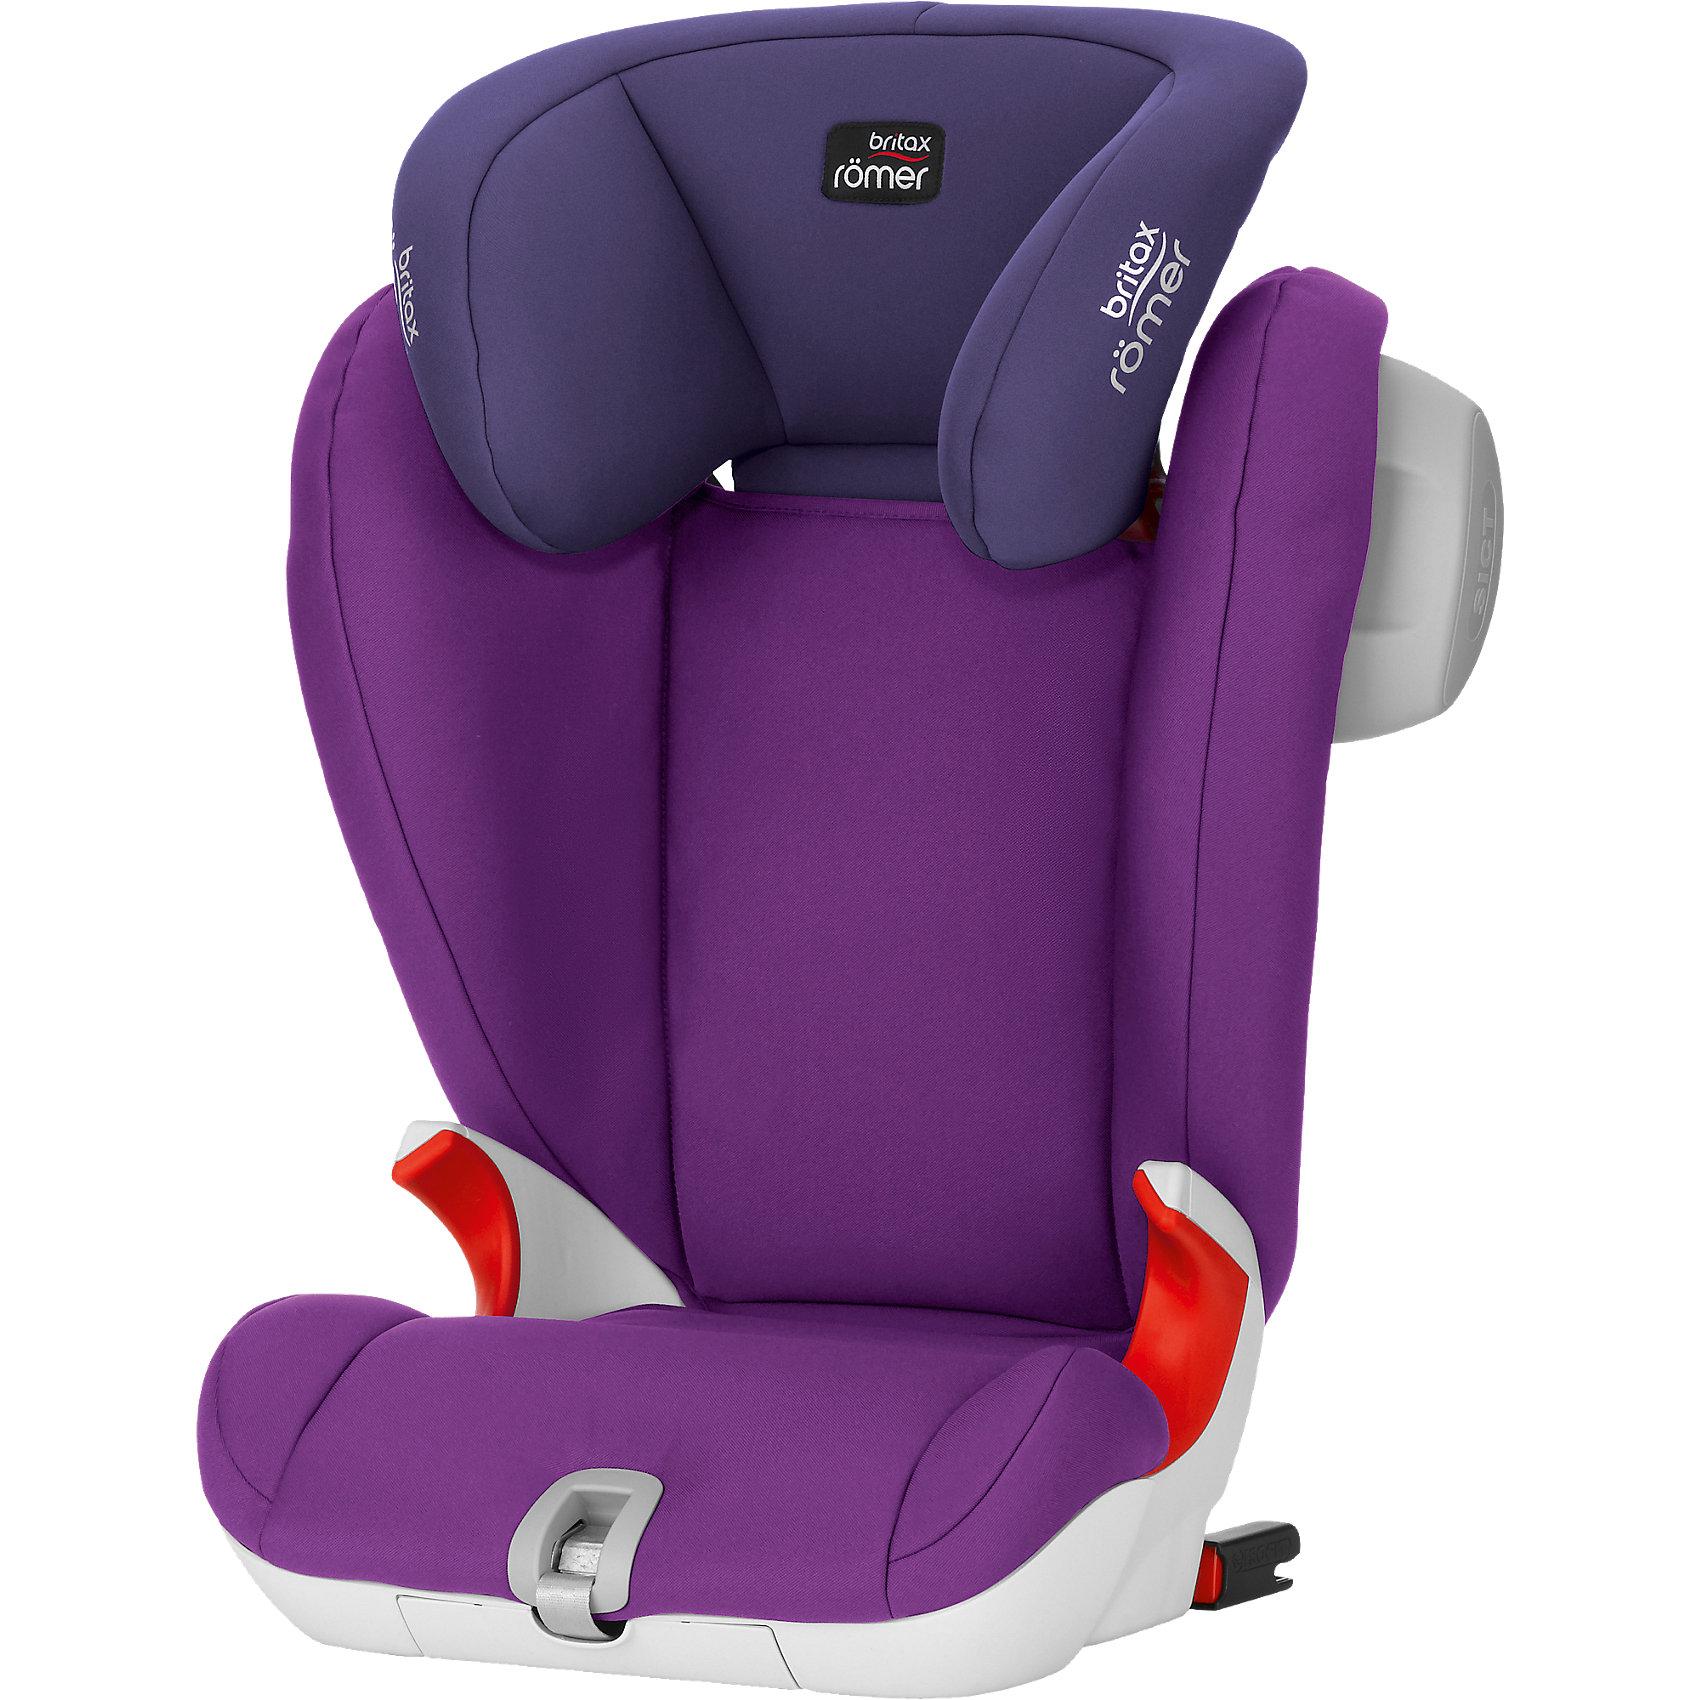 Автокресло Britax Romer KIDFIX SL SICT, 15-36 кг, Mineral PurpleГруппа 2-3 (От 15 до 36 кг)<br>Автокресло KIDFIX SL SICT- прекрасный вариант для вашего ребенка! XP-PAD технология позволяет максимально обезопасить вашего малыша за счет обеспечения равномерного распределения ударной нагрузки и дополнительной защиты шеи при лобовом столкновении. Крепление к автомобильным скобам Isofix в KidFix SL Sict осуществляется при помощи системы Soft Latch (SL). Здесь в отличие от классических креплений карабины соединены с каркасом детского автокресла гибкими ремнями, а не жёсткой направляющей. Боковая подушка SICT смягчает энергию удара и может устанавливается со стороны двери. Отсутствие подлокотников устраняет вероятность неправильного пристегивания ребенка. V-образная спинка обеспечивает правильную осанку и высокую степень защиты, большой, закругленный вниз подголовник, обеспечивает защиту от бокового удара и удобно поддерживает голову ребенка во время сна. Чехол с мягкой подкладкой выполнен из высококачественных гипоаллергенных материалов, легко снимается и стирается в машинке. <br><br>Дополнительная информация:<br><br>- Материал: пластик, текстиль.<br>- Размер: 45х66/85х49-55<br>- Высота спинки: 66-85 см.<br>- Вес: 6,7 кг.<br>- Крепление: ремнями безопасности или Isofix.<br>- Индикаторы, подтверждающие закрепление фиксаторов Isofix.<br>- SICT - Side Impact Cushion Technology, усиленная боковая защита.<br>- Подголовник регулируется в 11 положениях. <br>- Спинка принимает положение по углу наклона сидения автомобиля.<br><br>Автокресло KIDFIX SL SICT, 15-36 кг., Britax Romer (Бритакс Ремер), Mineral Purple, можно купить в нашем магазине.<br><br>Ширина мм: 685<br>Глубина мм: 510<br>Высота мм: 425<br>Вес г: 7350<br>Цвет: лиловый<br>Возраст от месяцев: 36<br>Возраст до месяцев: 144<br>Пол: Женский<br>Возраст: Детский<br>SKU: 4292302